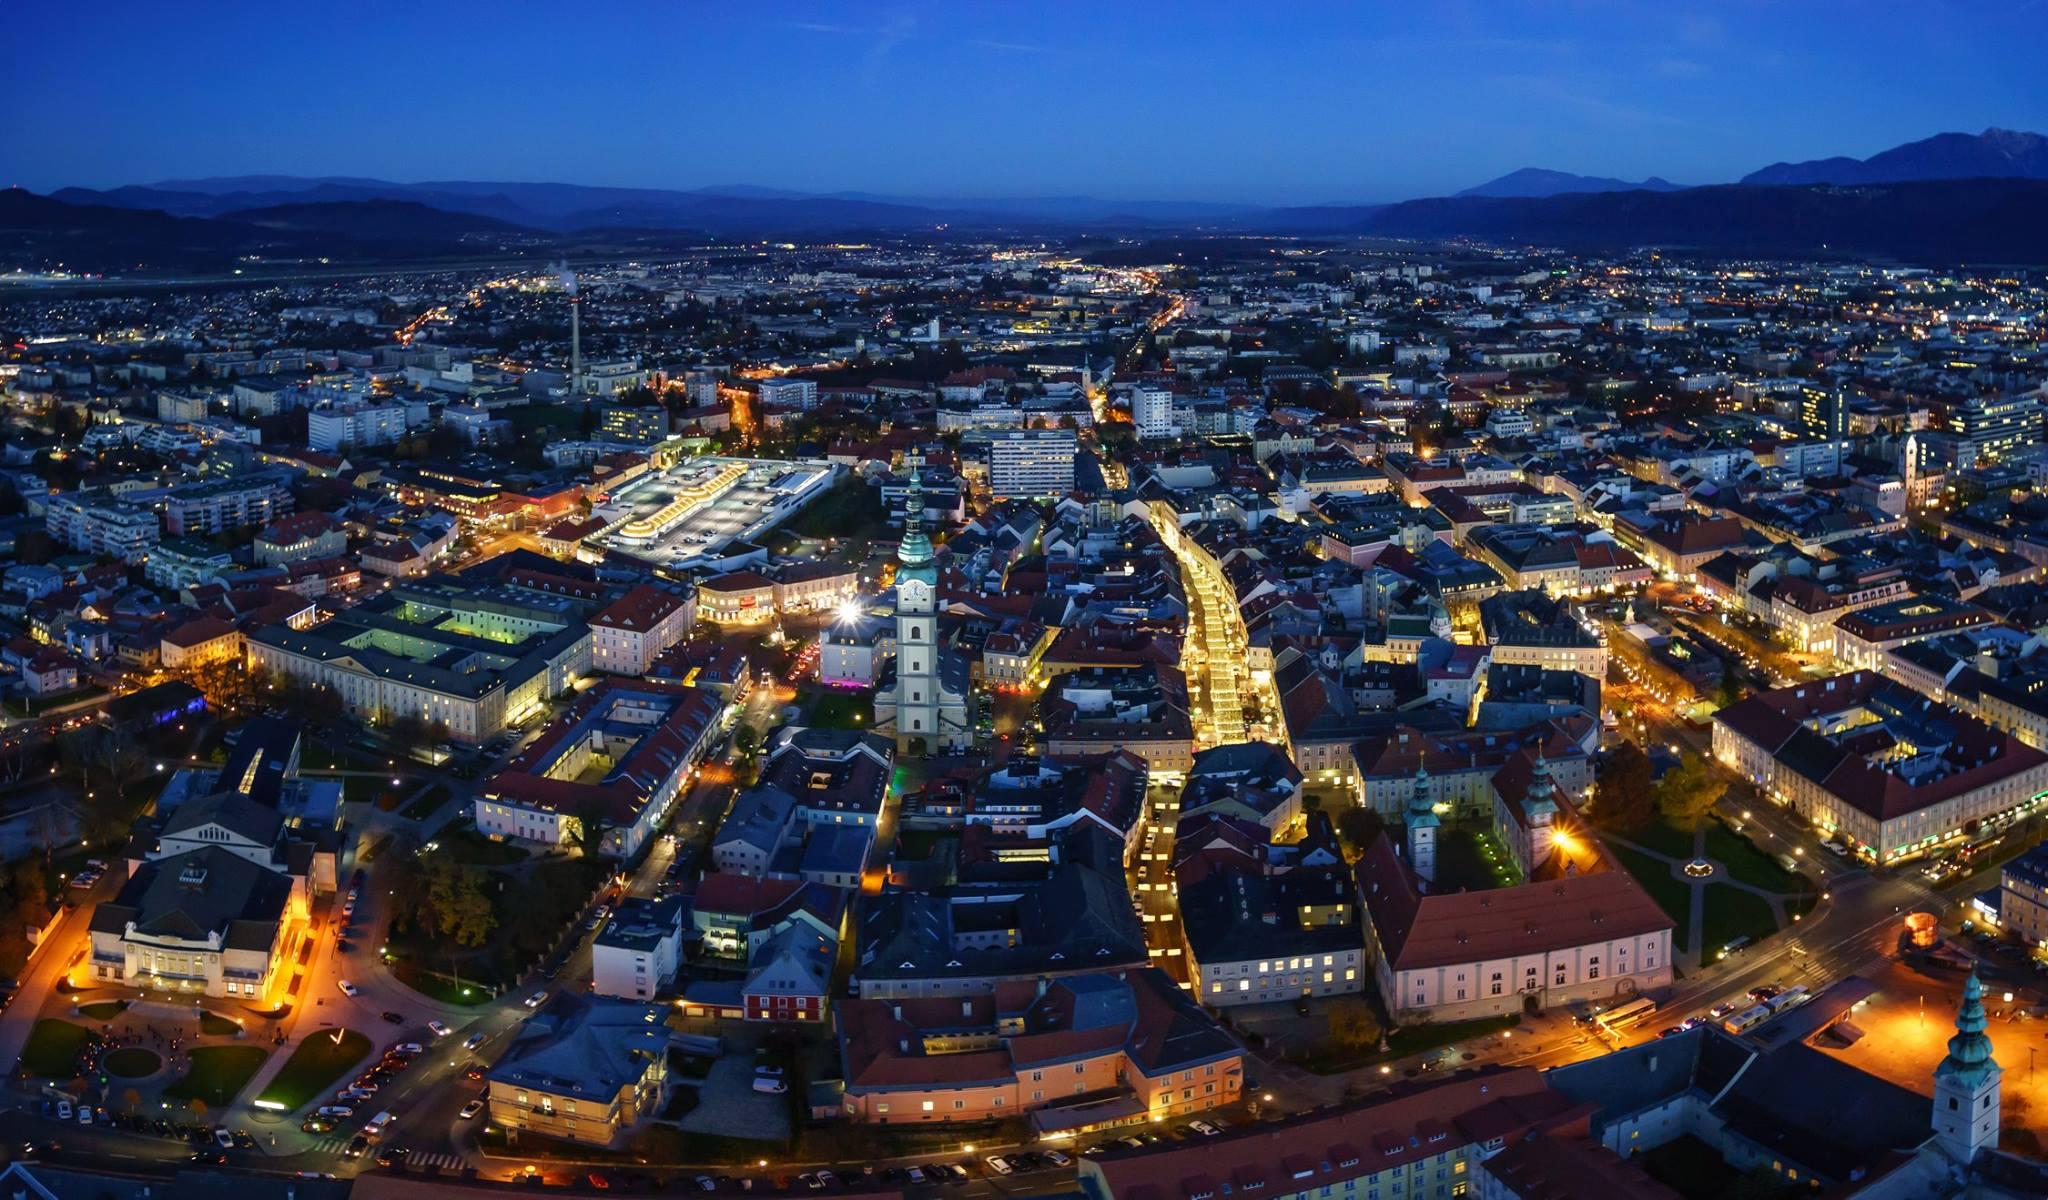 Klagenfurt bei Nacht. Foto: Gert Steinthaler